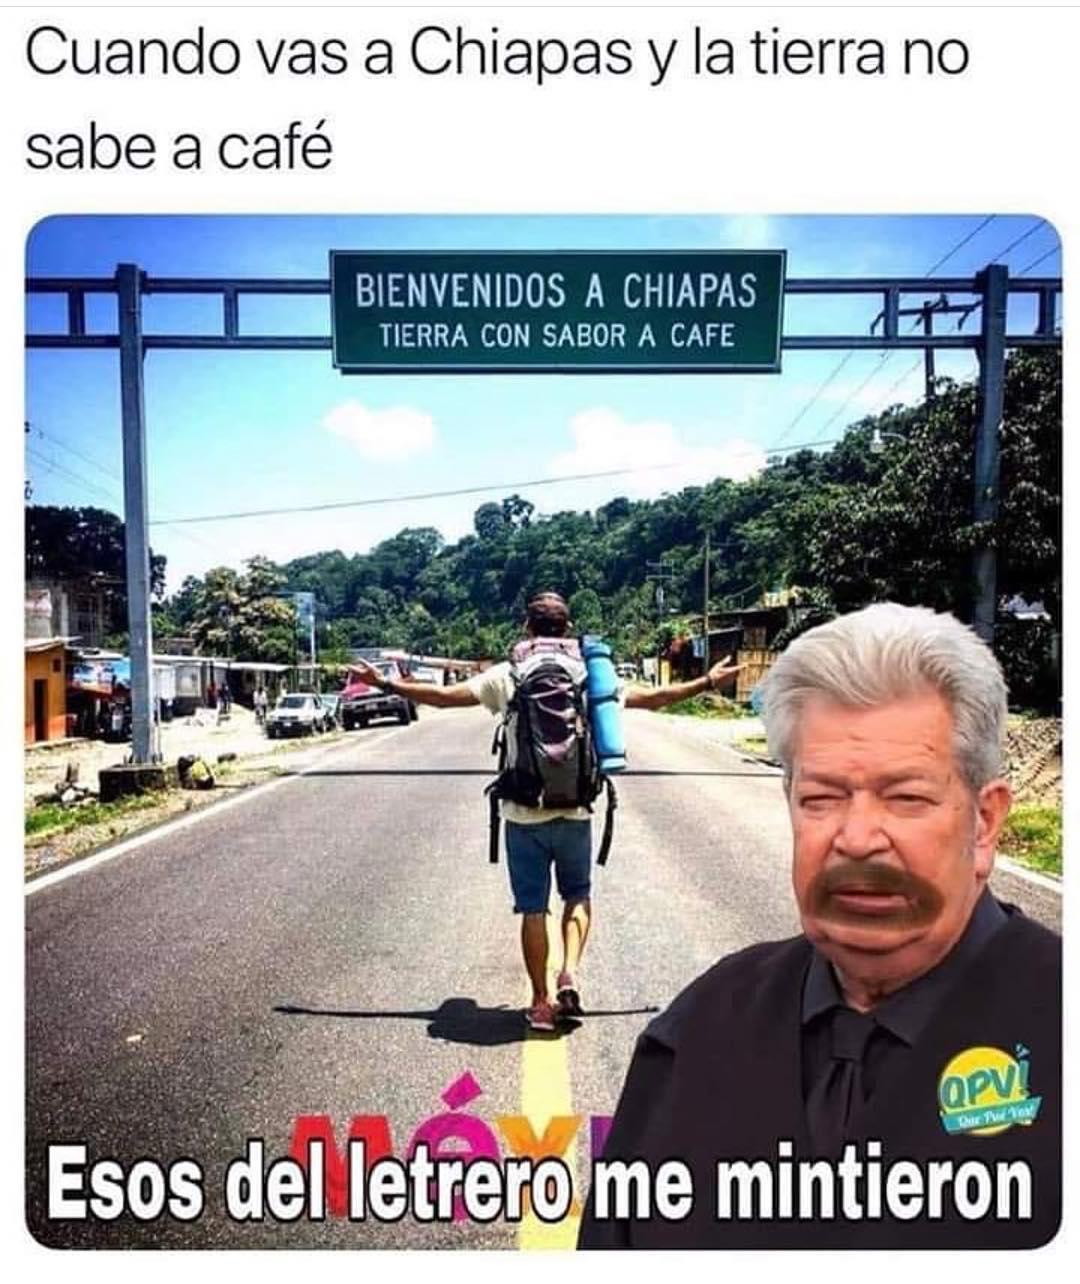 Cuando vas a Chiapas y la tierra no sabe a café.  Bienvenidos a Chiapas Tierra con saber a café.  Esos del letrero me mintieron.